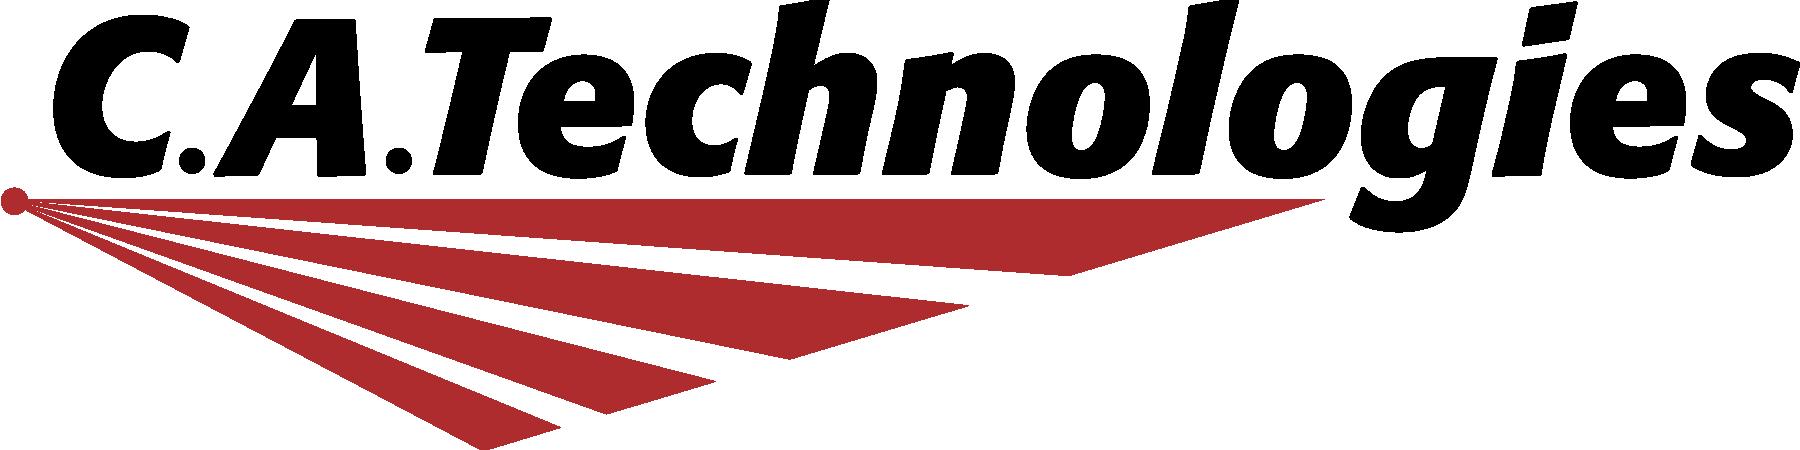 ca-tech-logo-hd.png